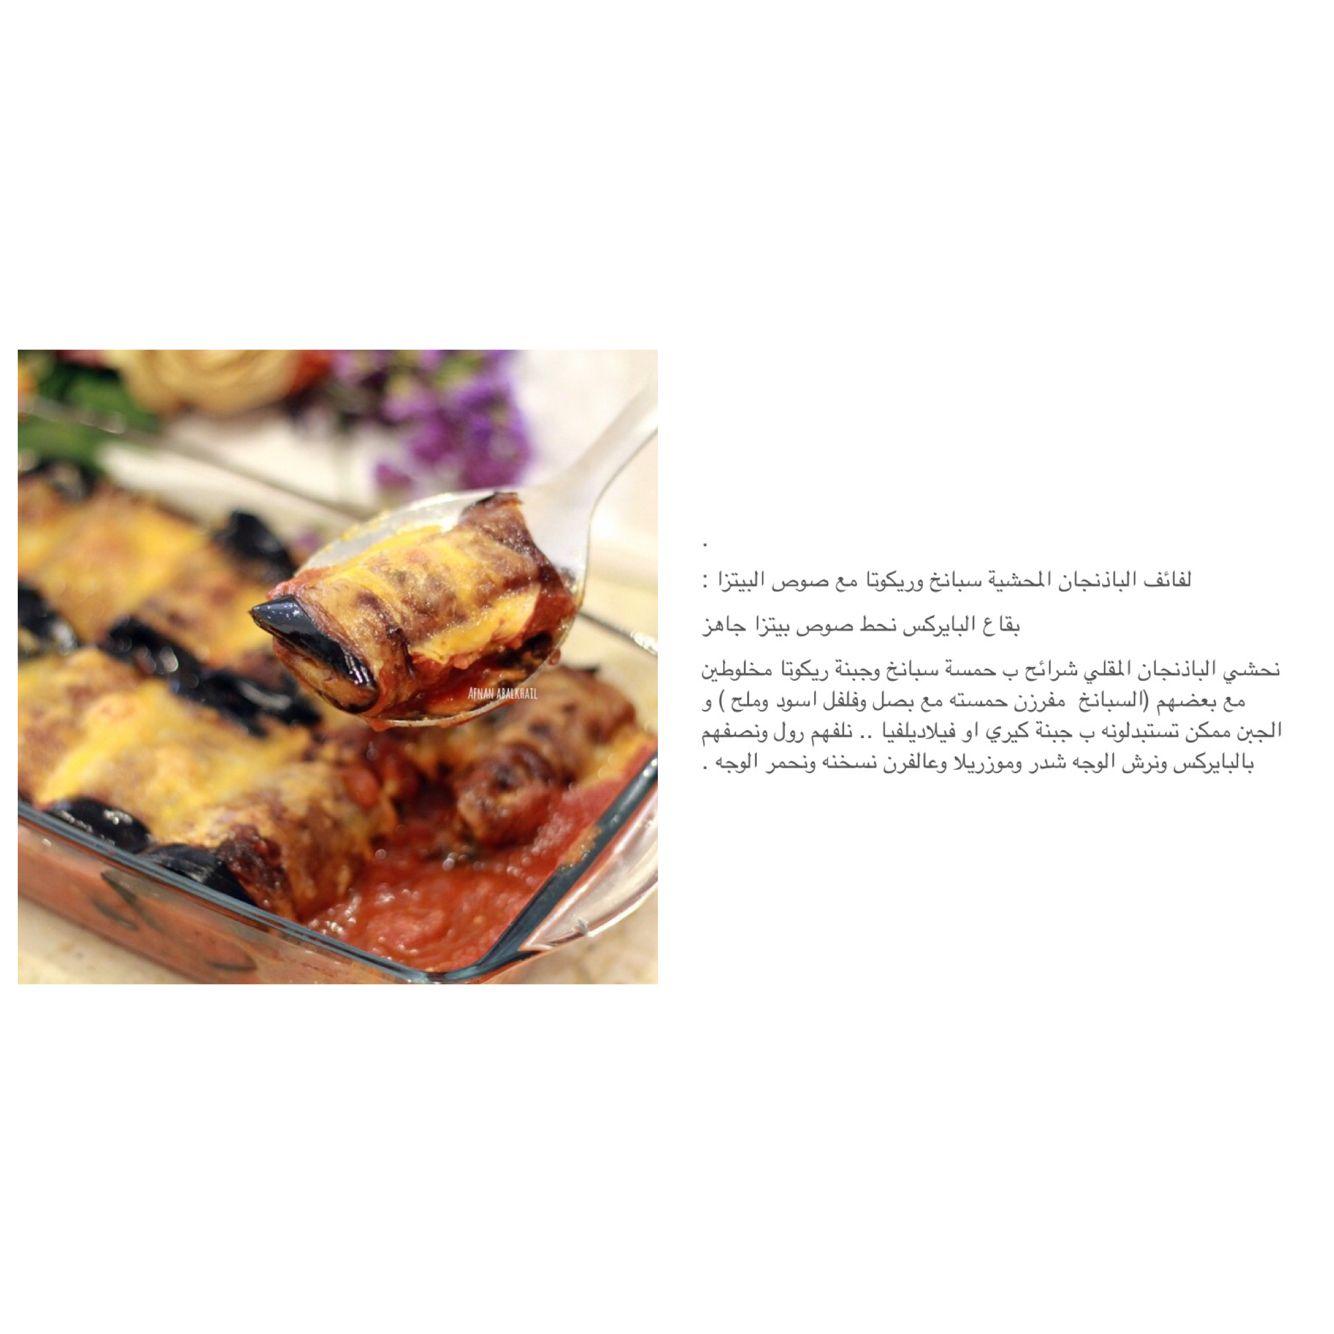 لفائف باذنجان محشية سبانخ وريكوتا مع صوص البيتزا Food Chicken Meat